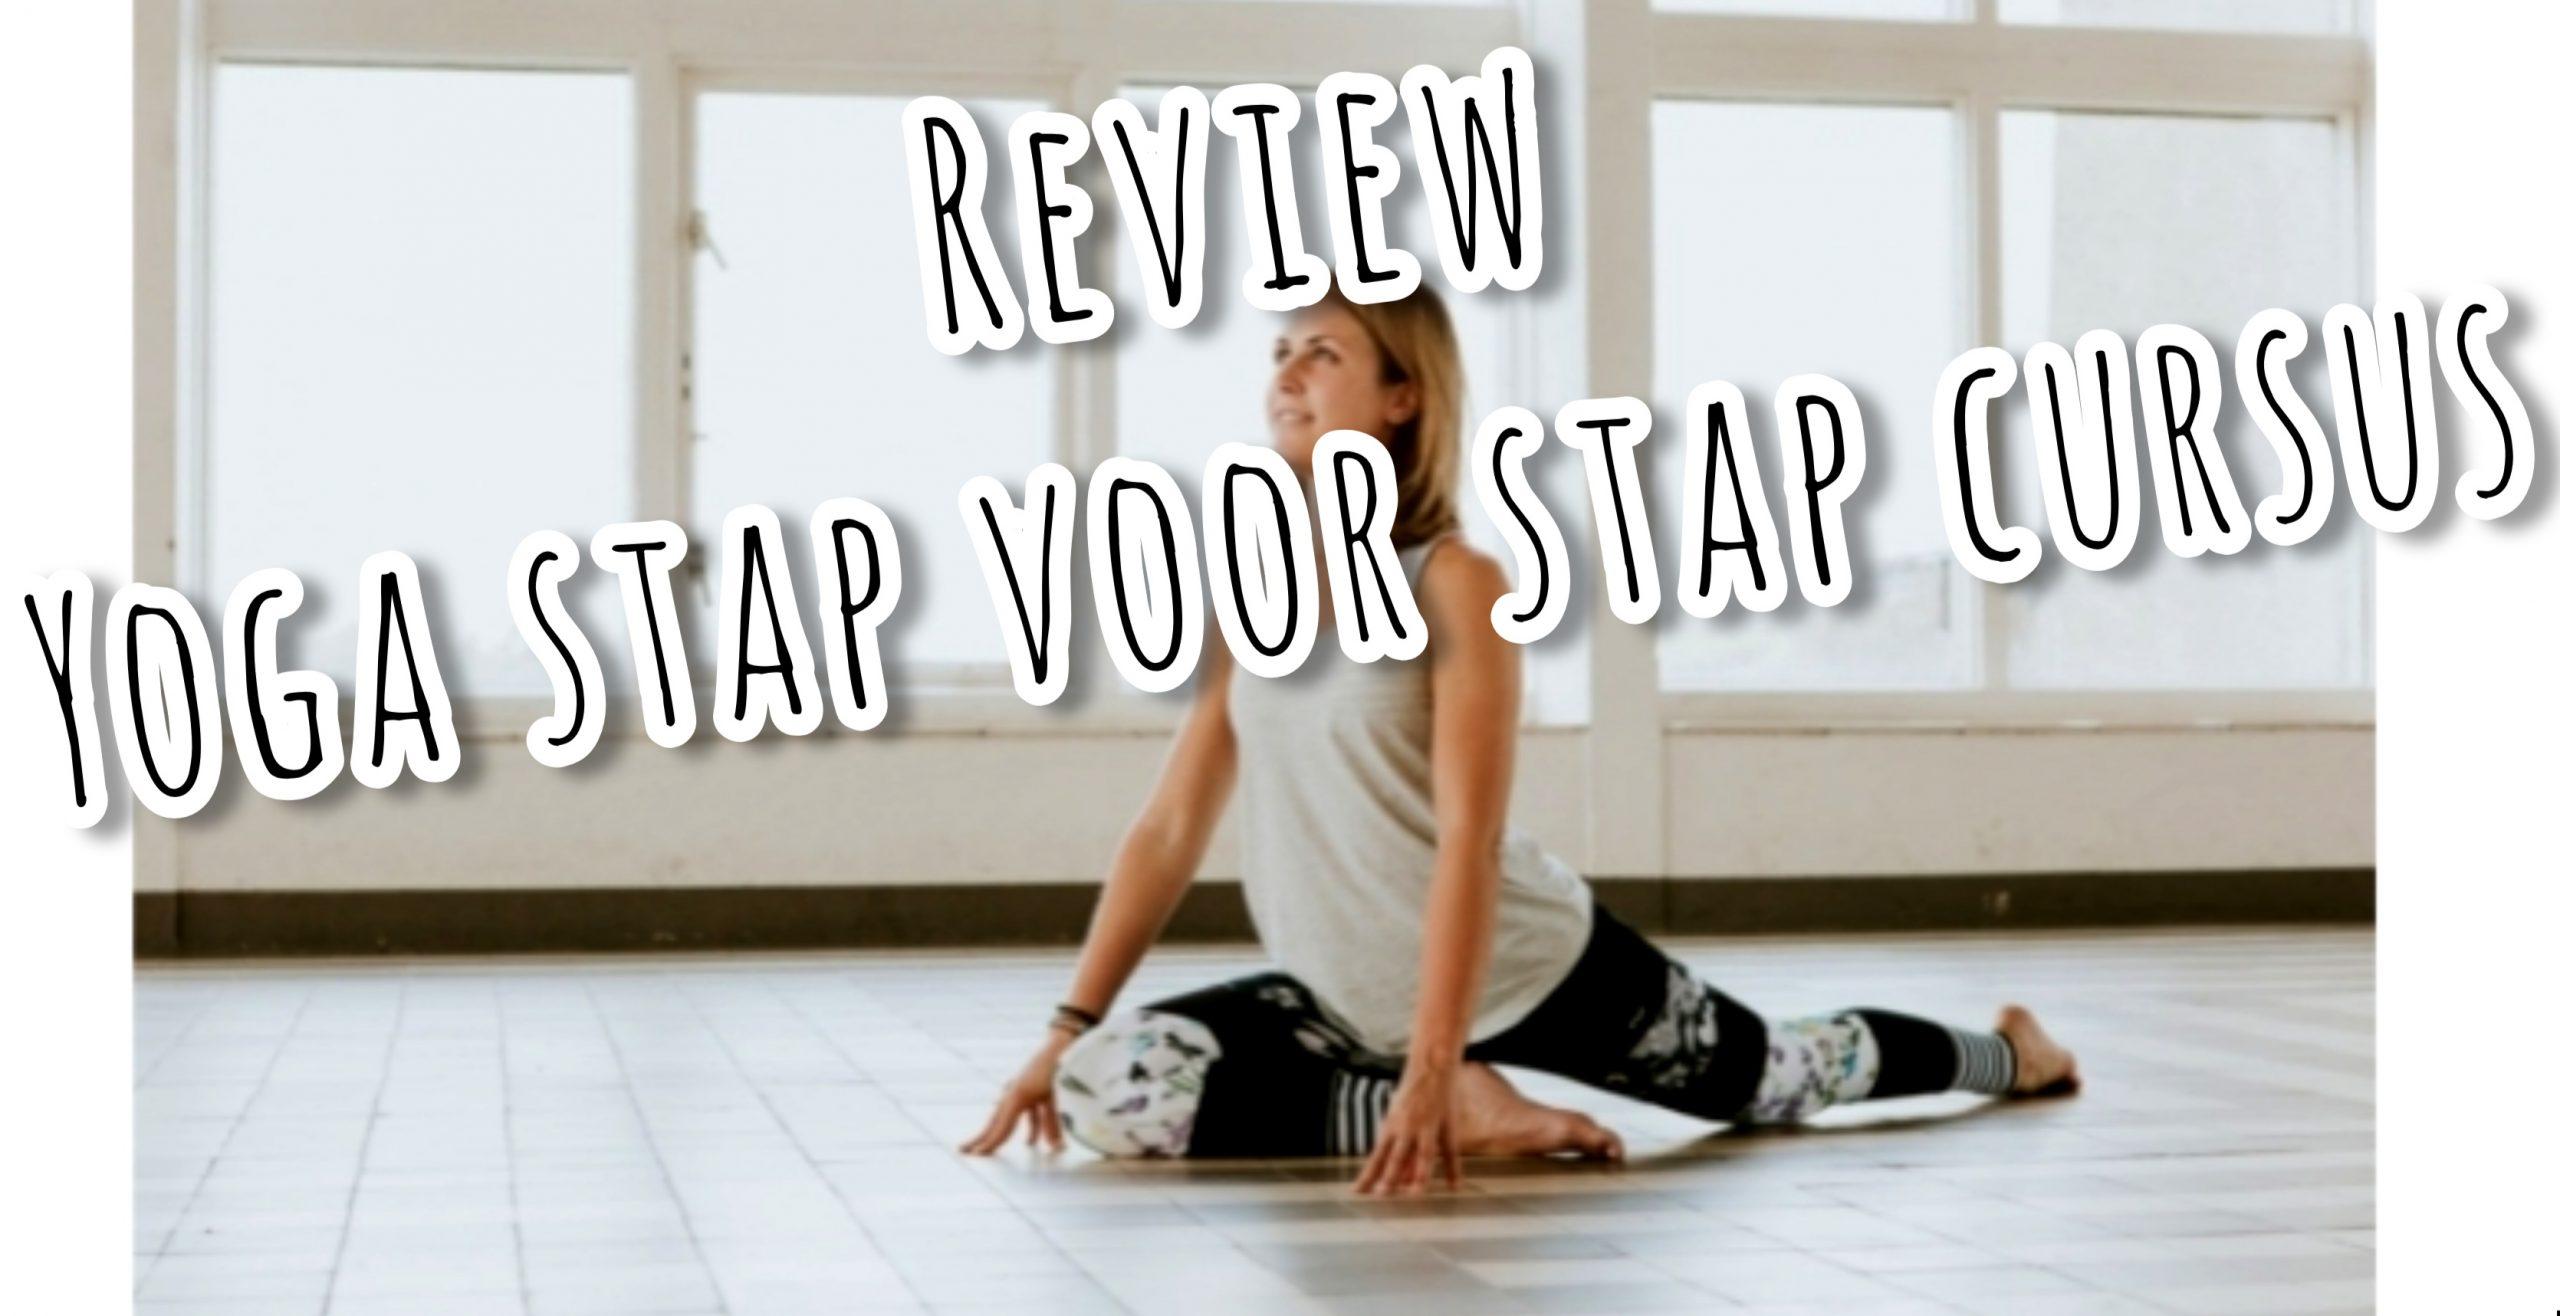 Review yoga stap voor stap cursus van happy with yoga uitgelicht